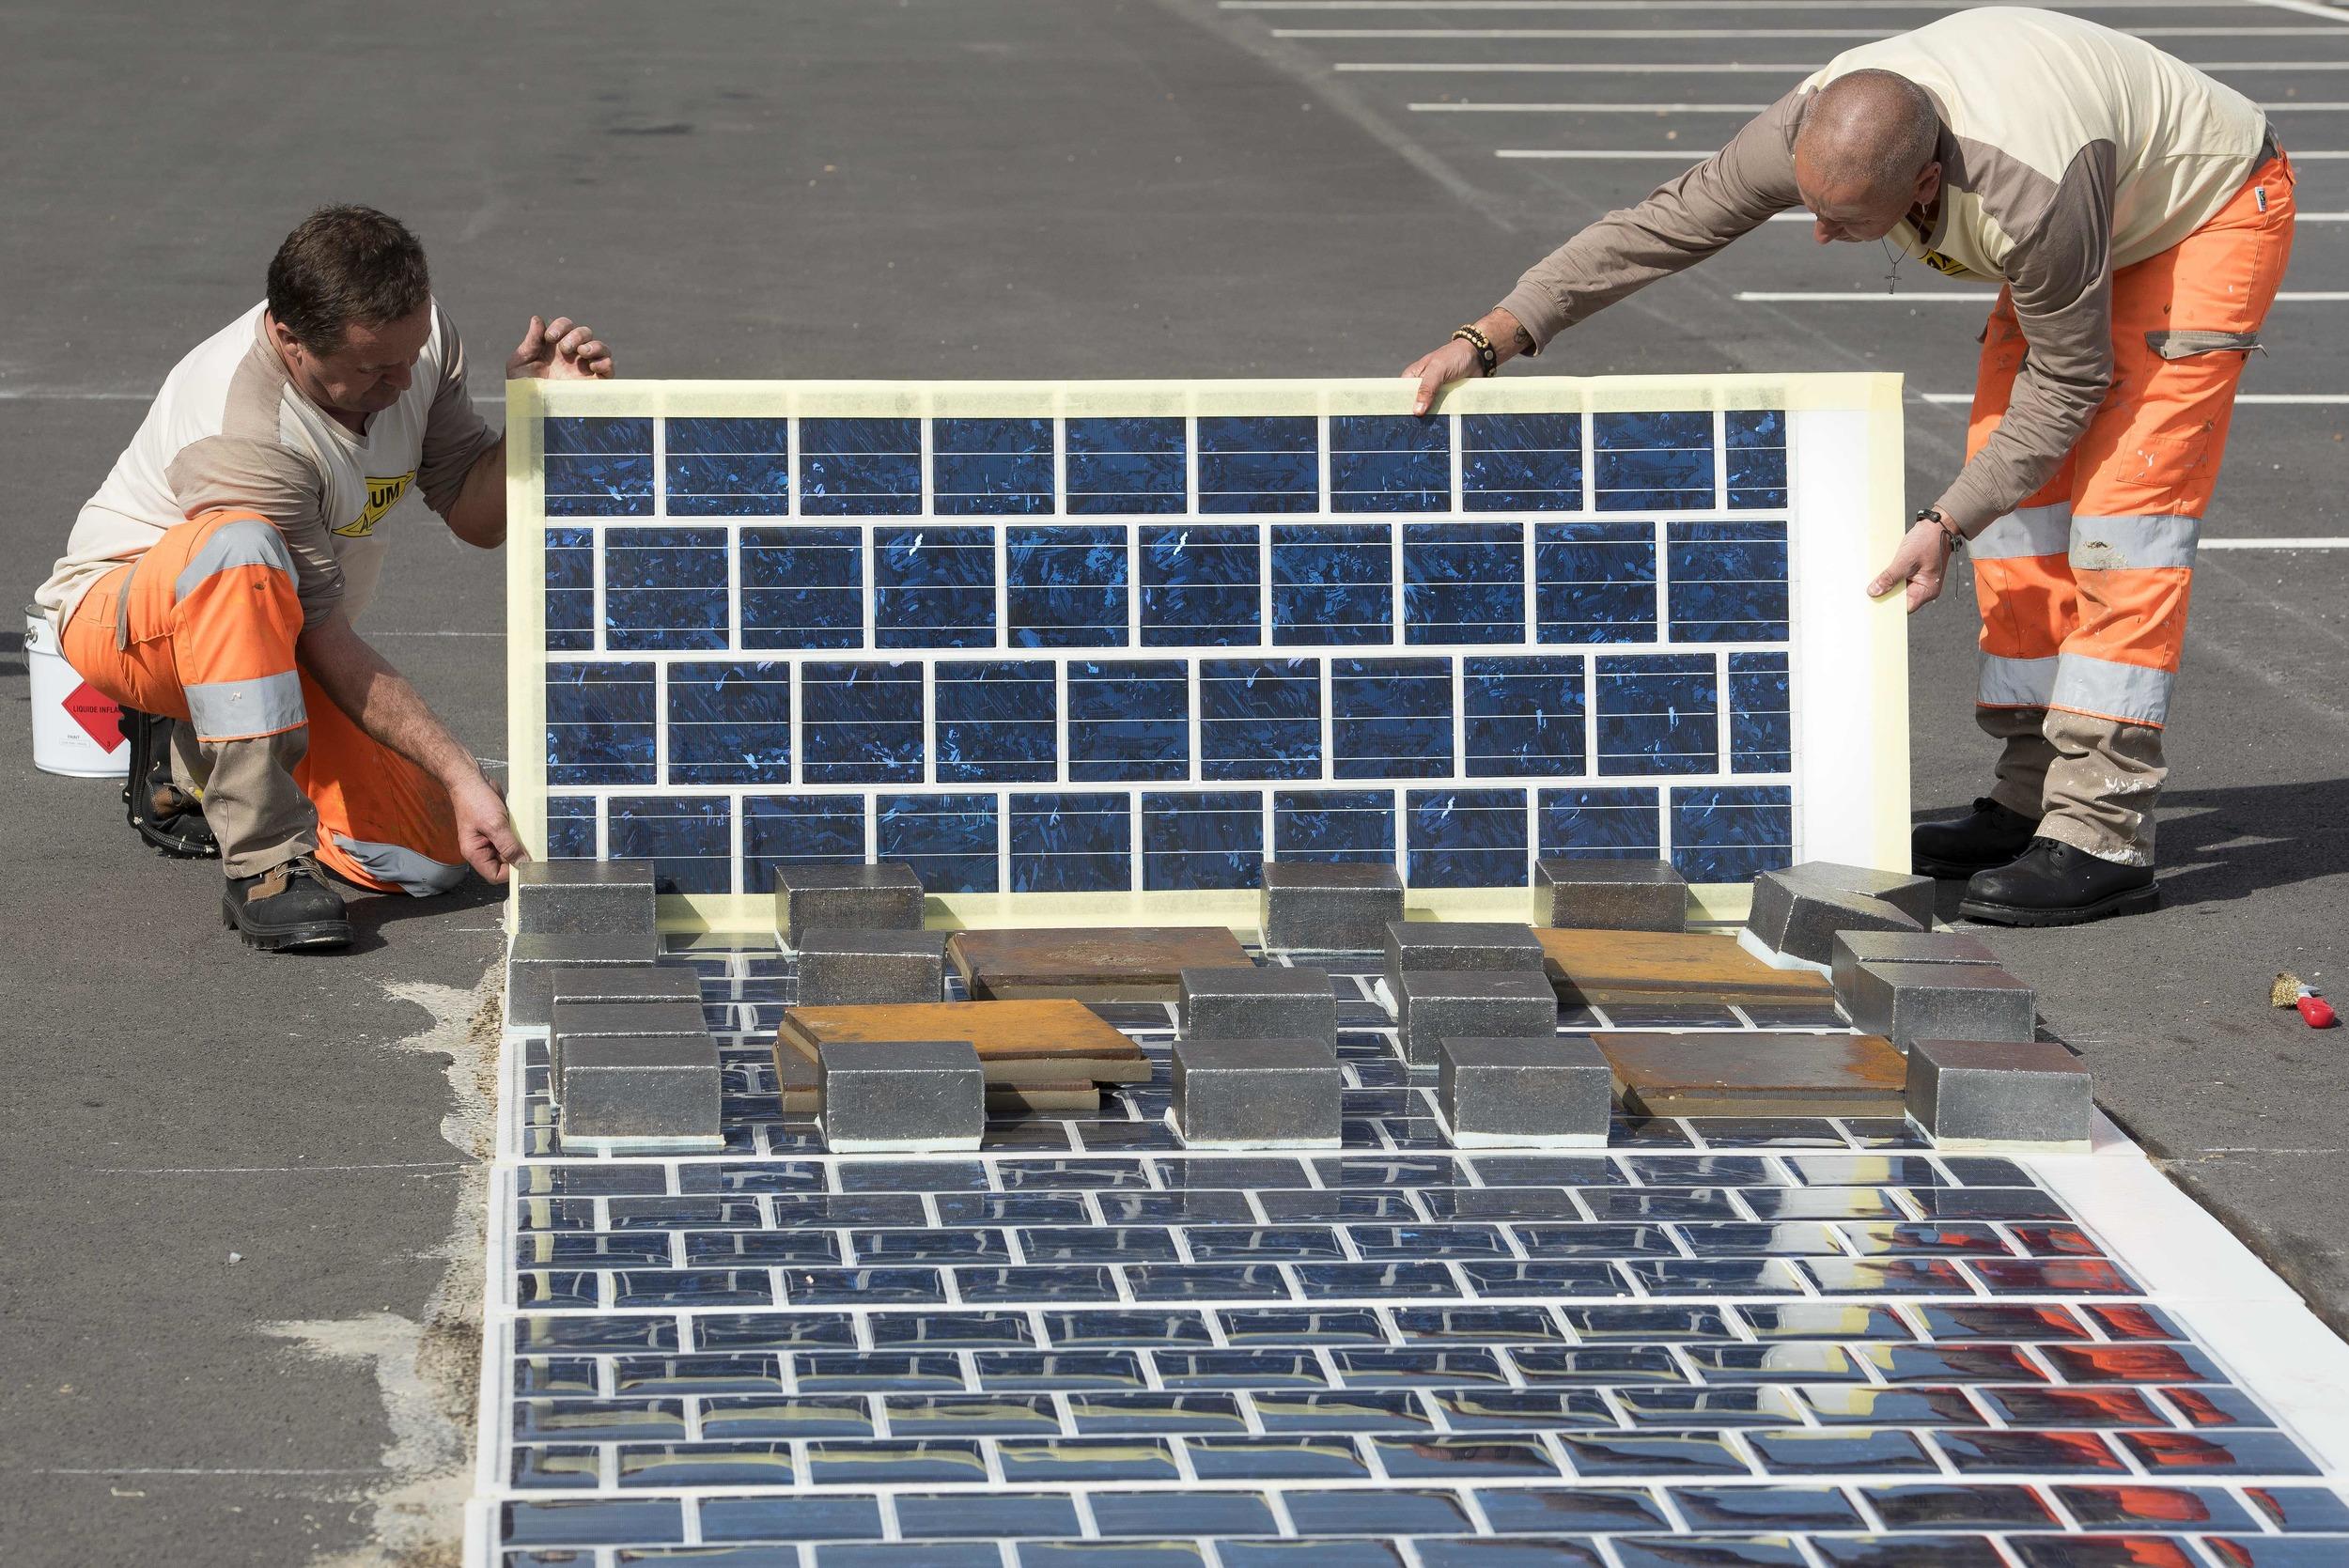 Instalación de la carretera solar Wattway, en Francia   Créditos: Joachim Bertrand / COLAS